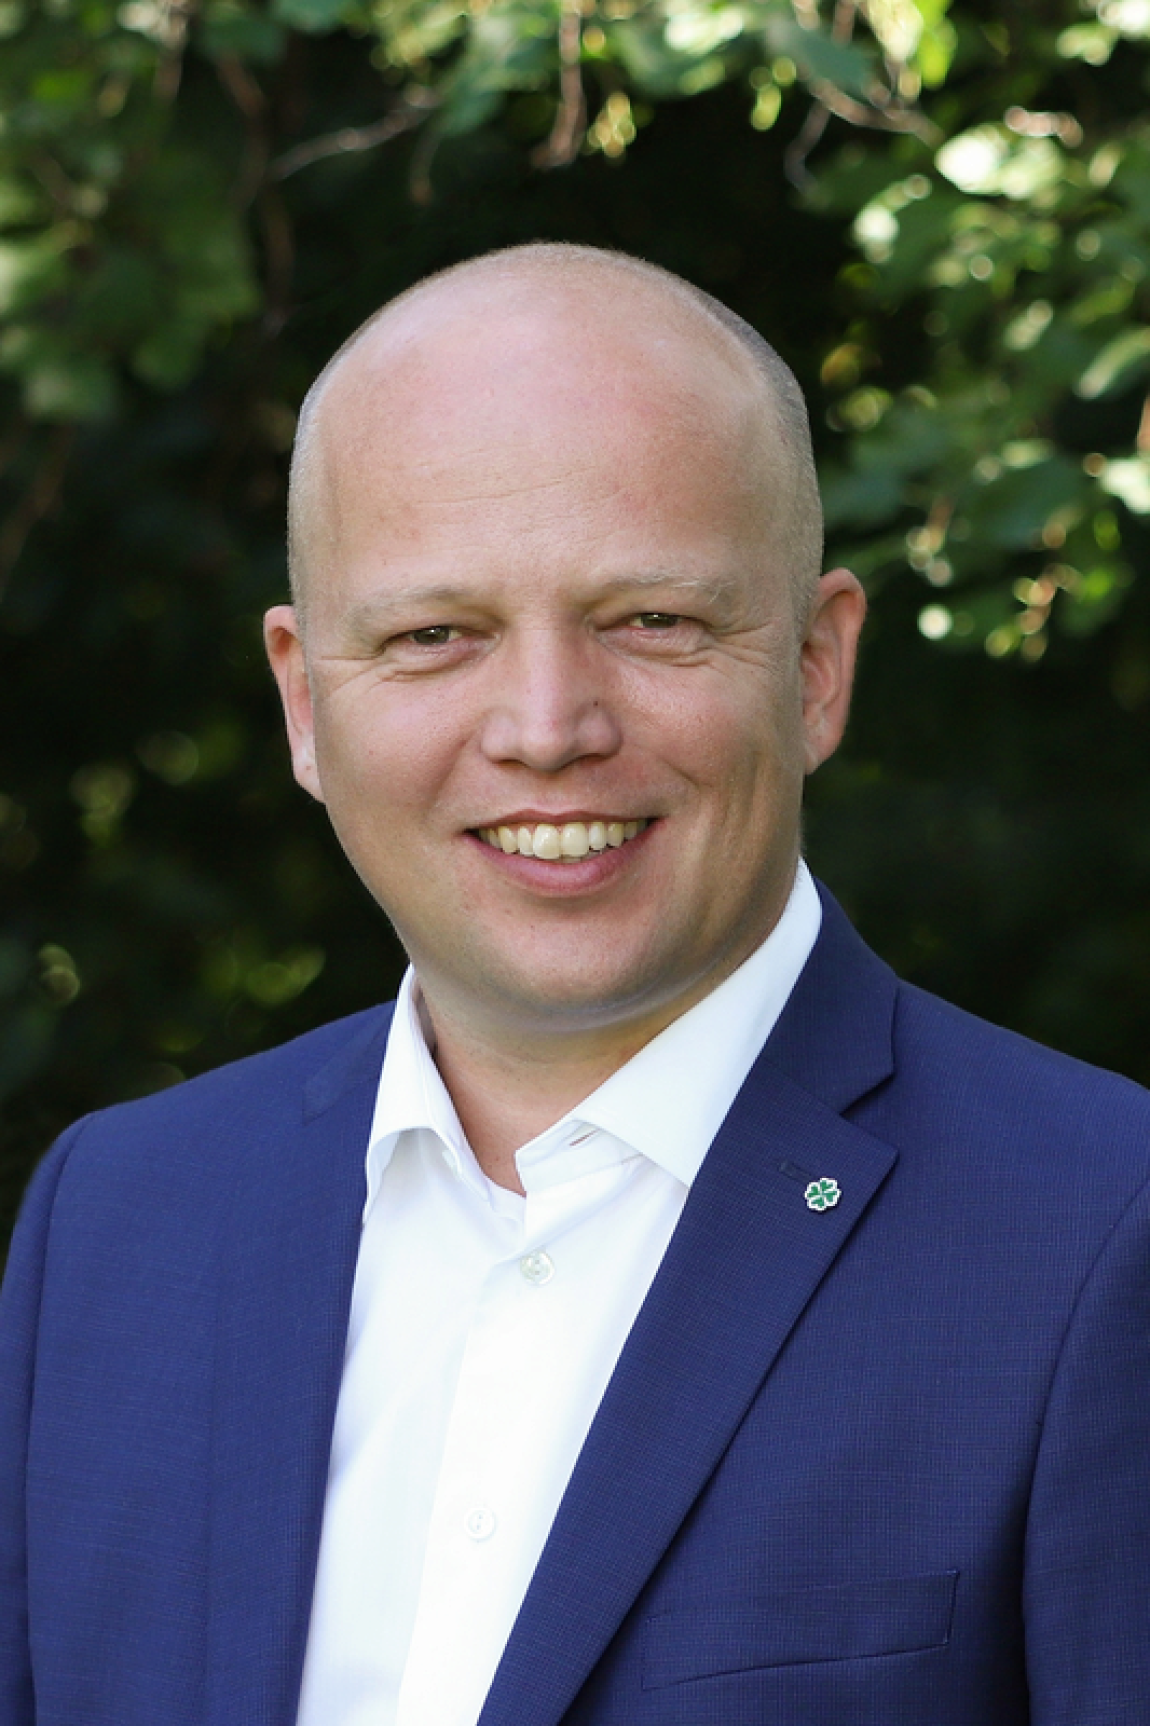 Valgkampåpning med partileder og statsministerkandidat Trygve Slagsvold Vedum fredag 13 aug kl 1800 Heddal Bygdetun